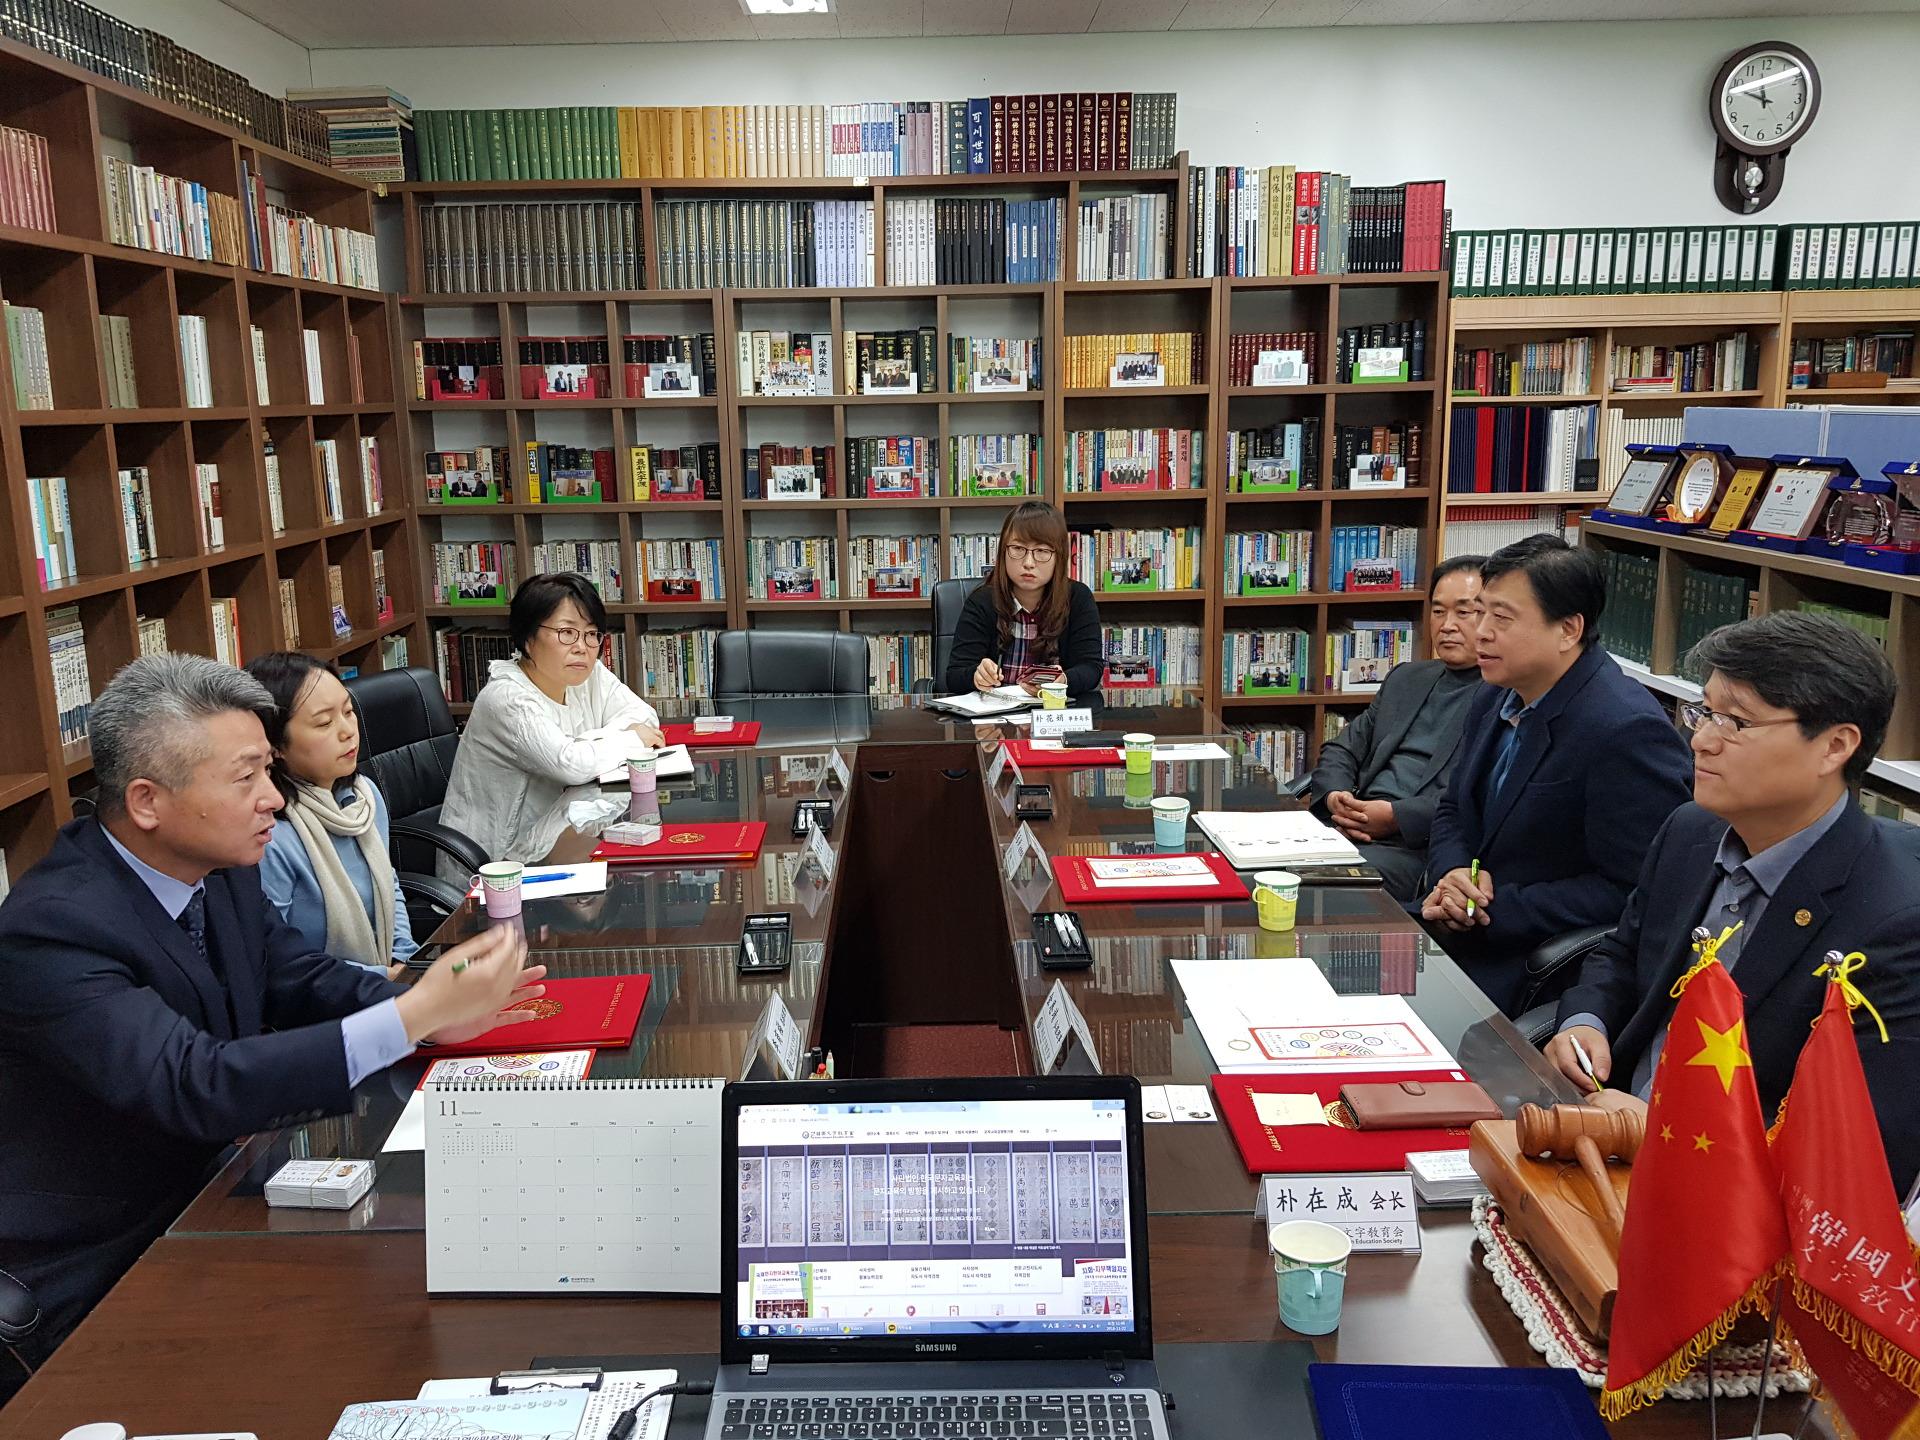 사)세계문화문자교류협회(약칭 '세문협') 창립 발기인 모임 개최